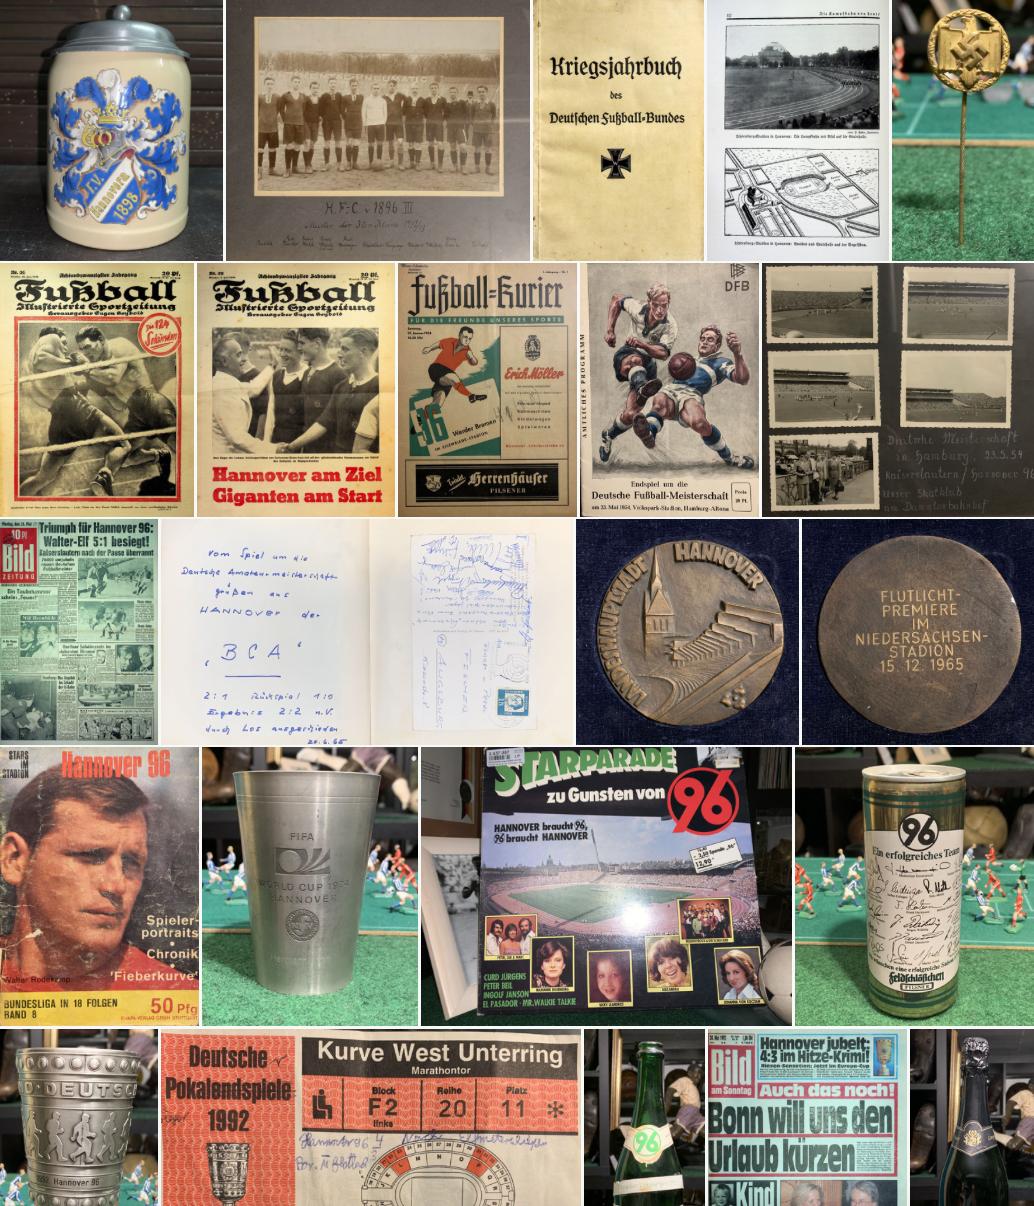 125 Jahre Hannover 96 ein kleiner Rückblick mit Exponaten